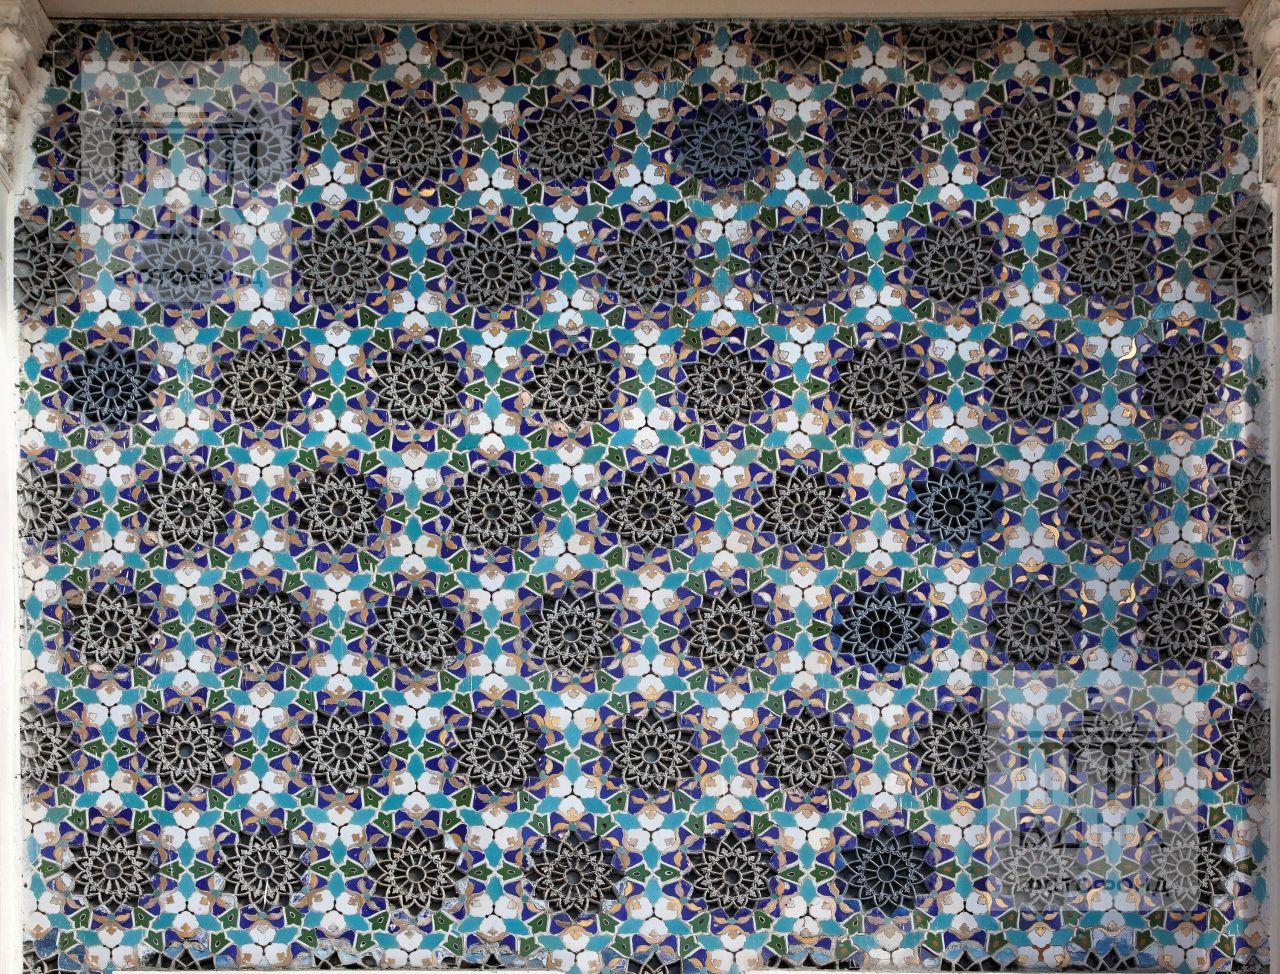 Павильон Узбекской ССР на Всесоюзной сельскохозяйственной выставке, Москва. 1954 год. Декоративное оформление главного входа